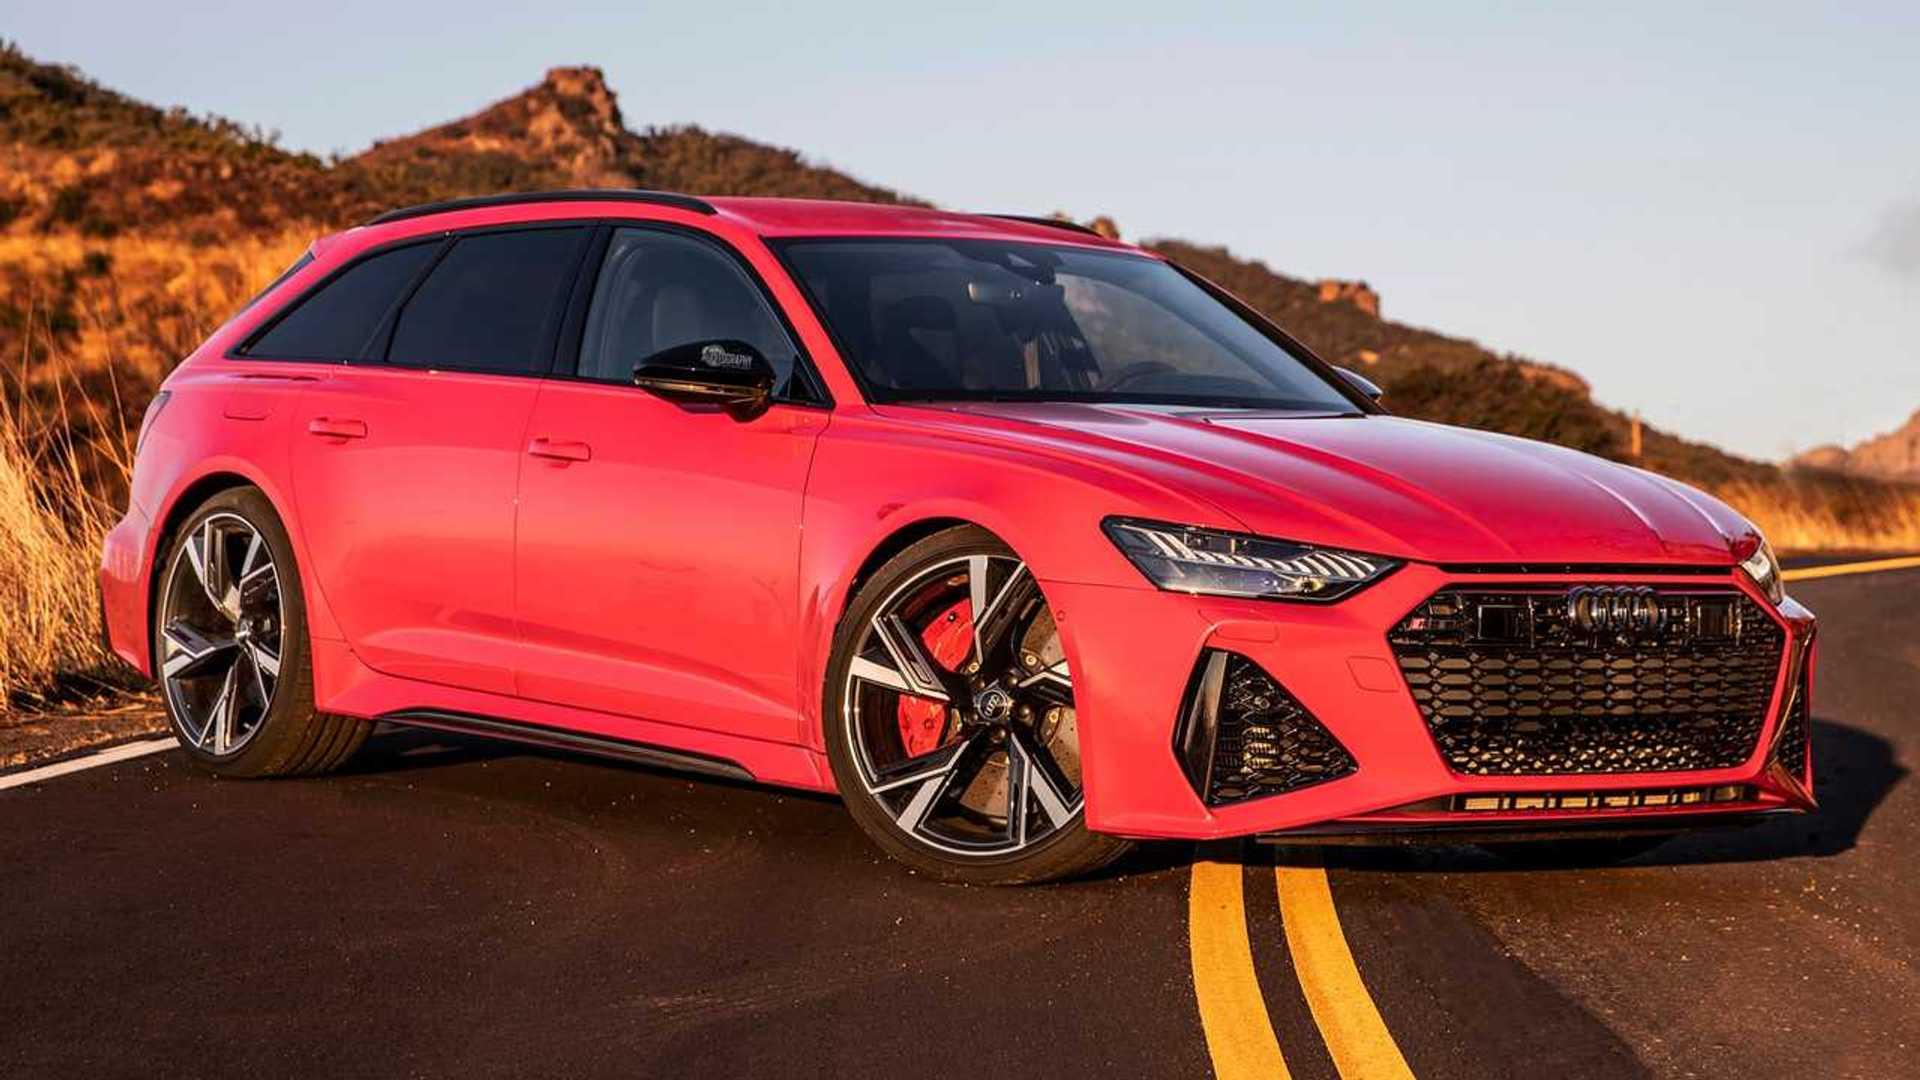 Kekurangan Audi Rs6 Quattro Murah Berkualitas